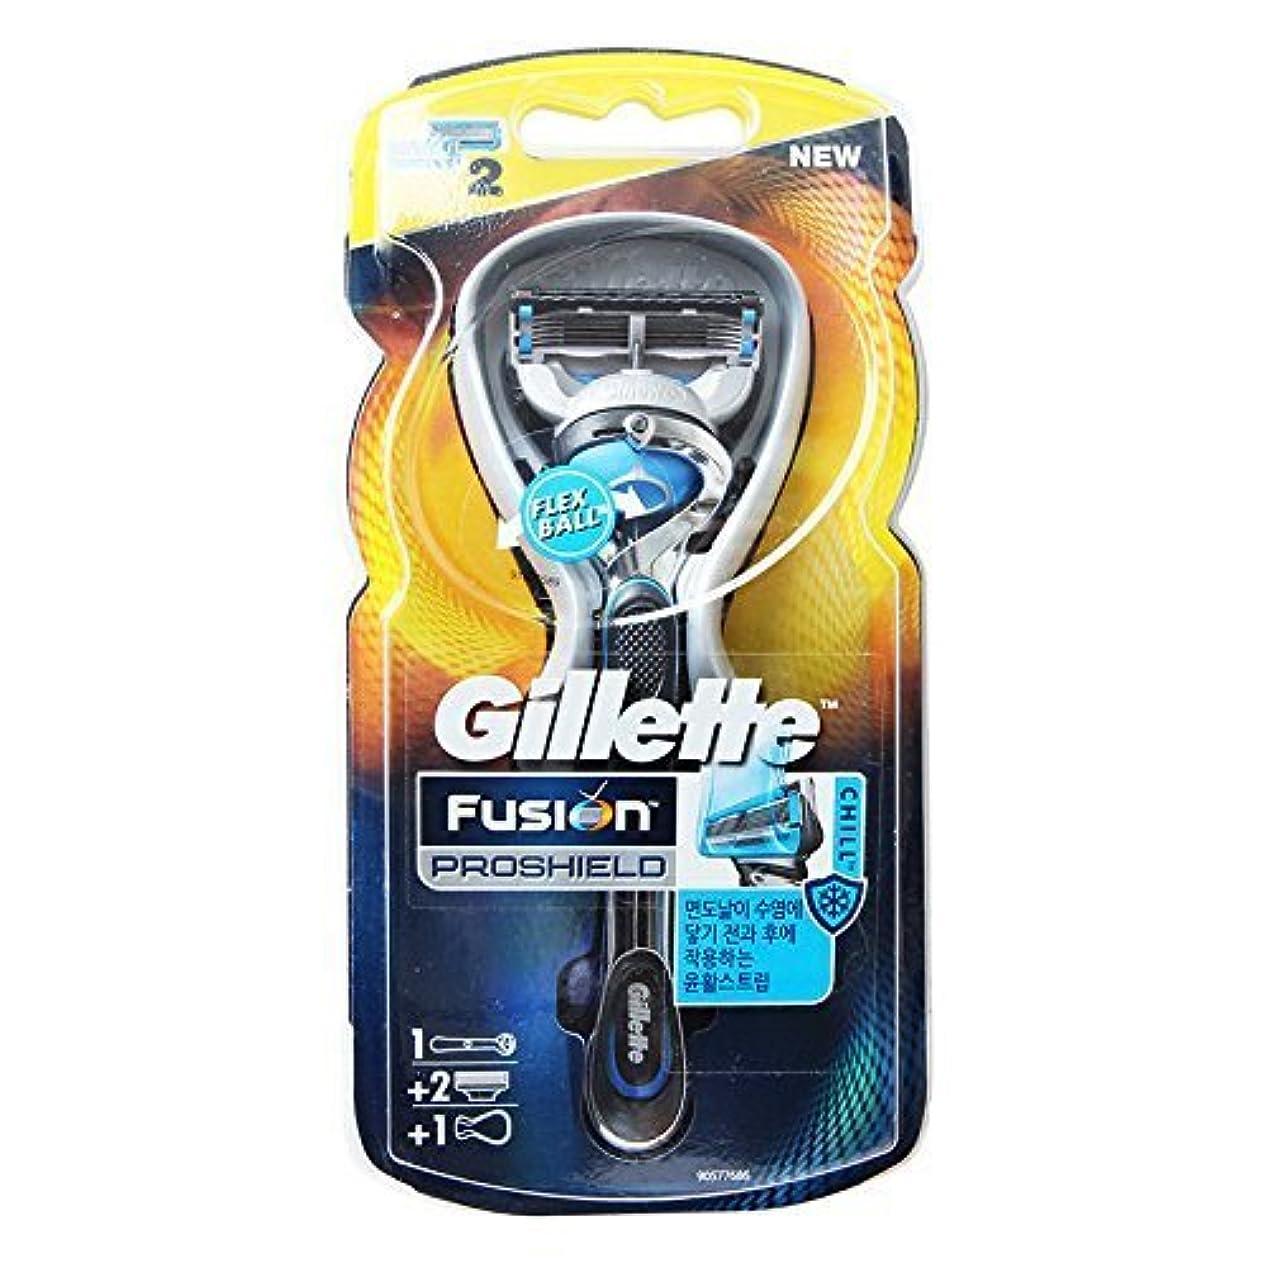 毒性シャトル君主Gillette Fusion Proshield Chill Blue フレックスボールレザーブレードリフィル付きメンズカミソリ2カウント [並行輸入品]